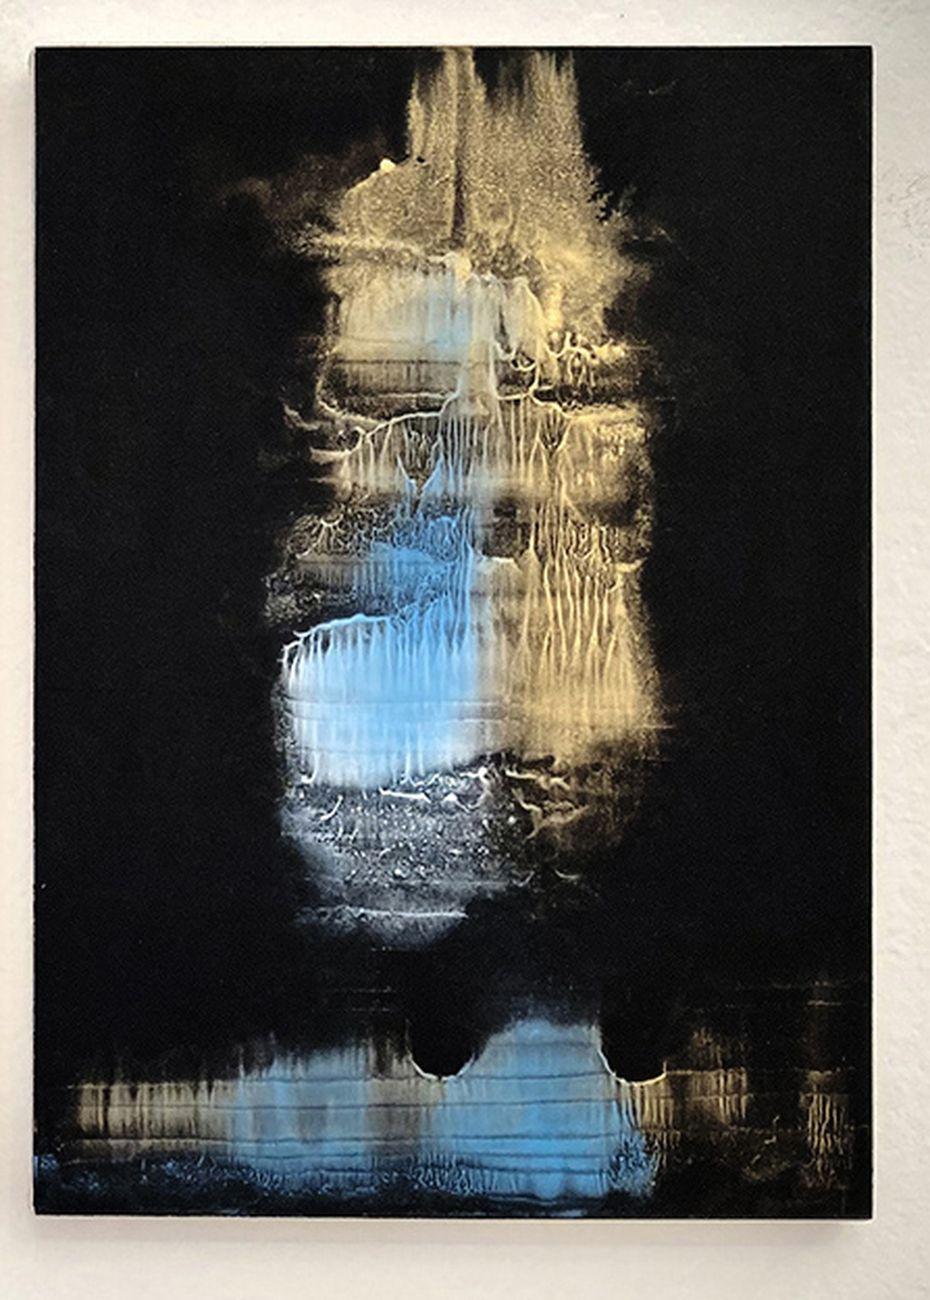 Matteo Montani, Become Again II, 2021, acrilico su carta montata su tela, cm 42x30